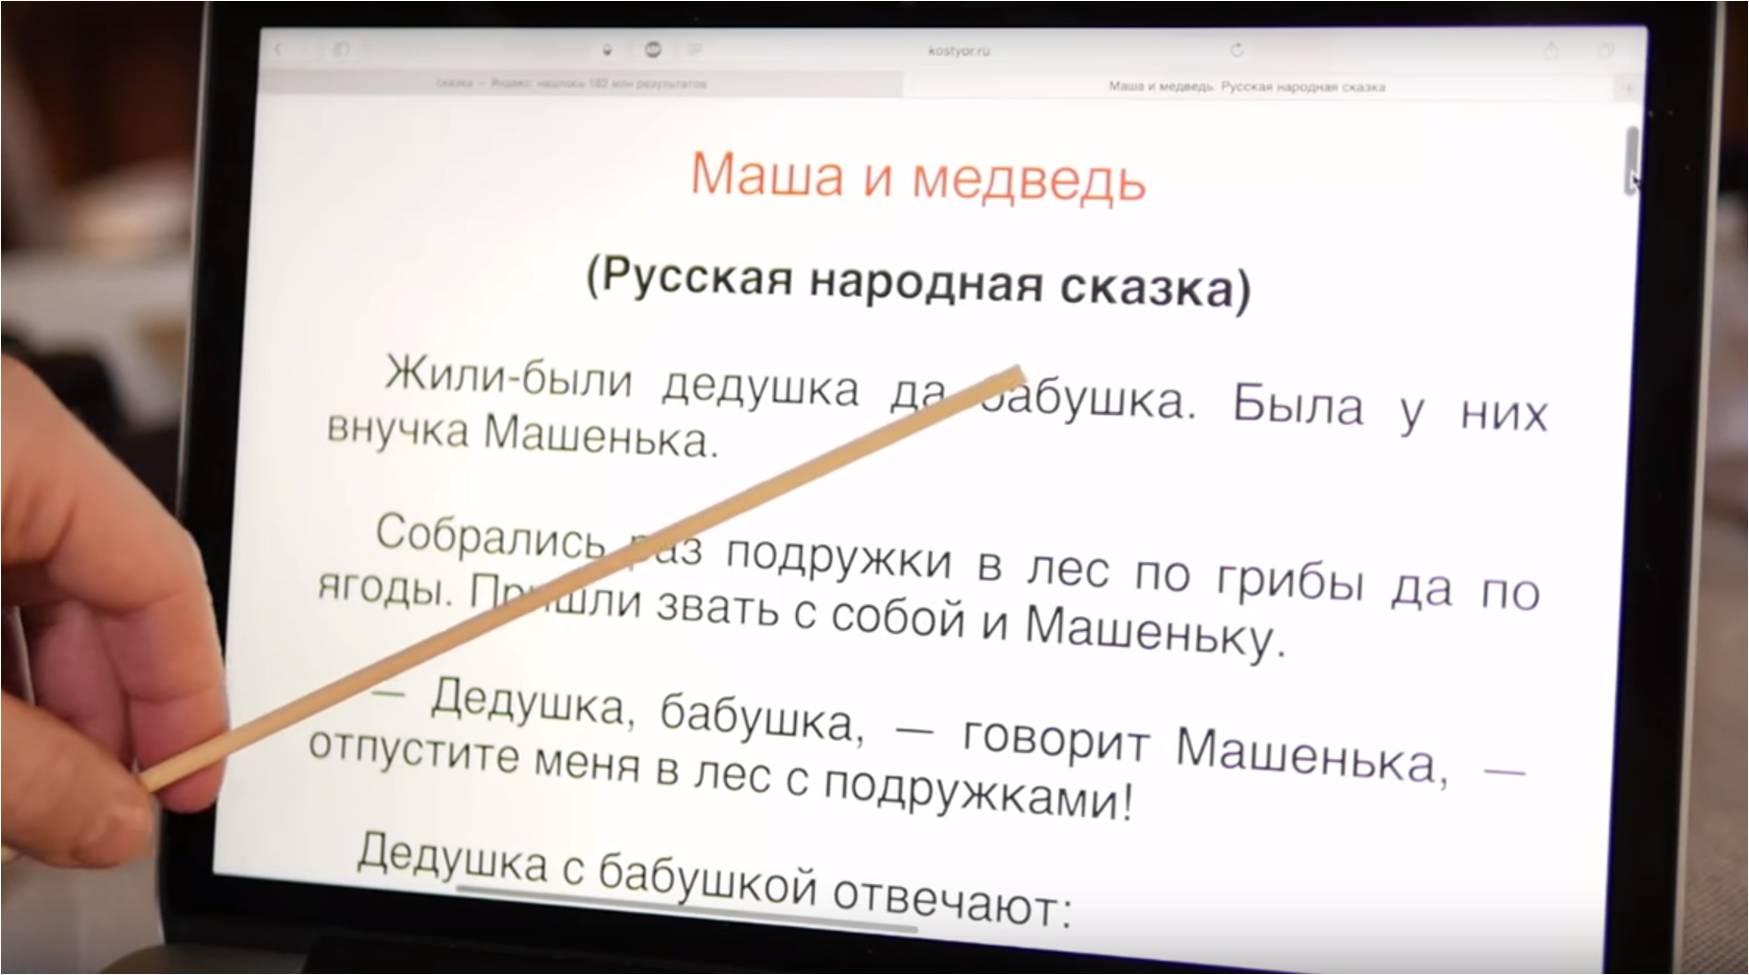 Le Meilleur Exercice Pour Apprendre Le Russe (De Loin) concernant Apprendre Le Russe Facilement Gratuitement